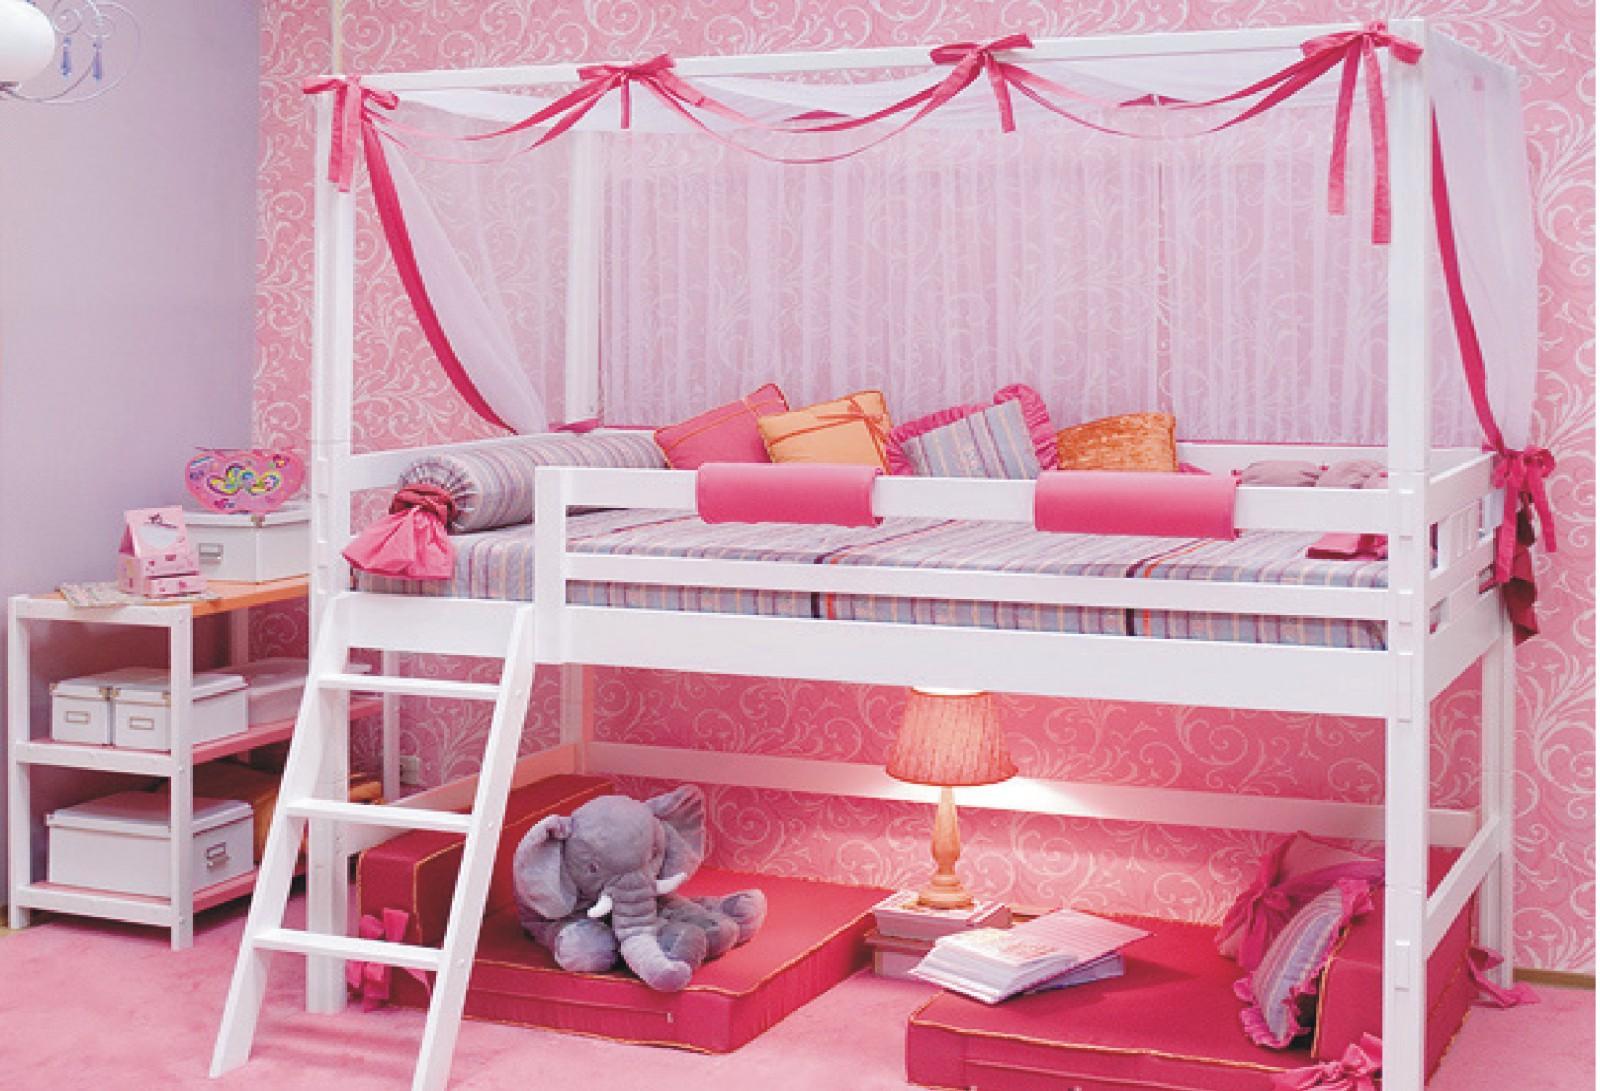 Фото девочек дома на кровати 7 фотография